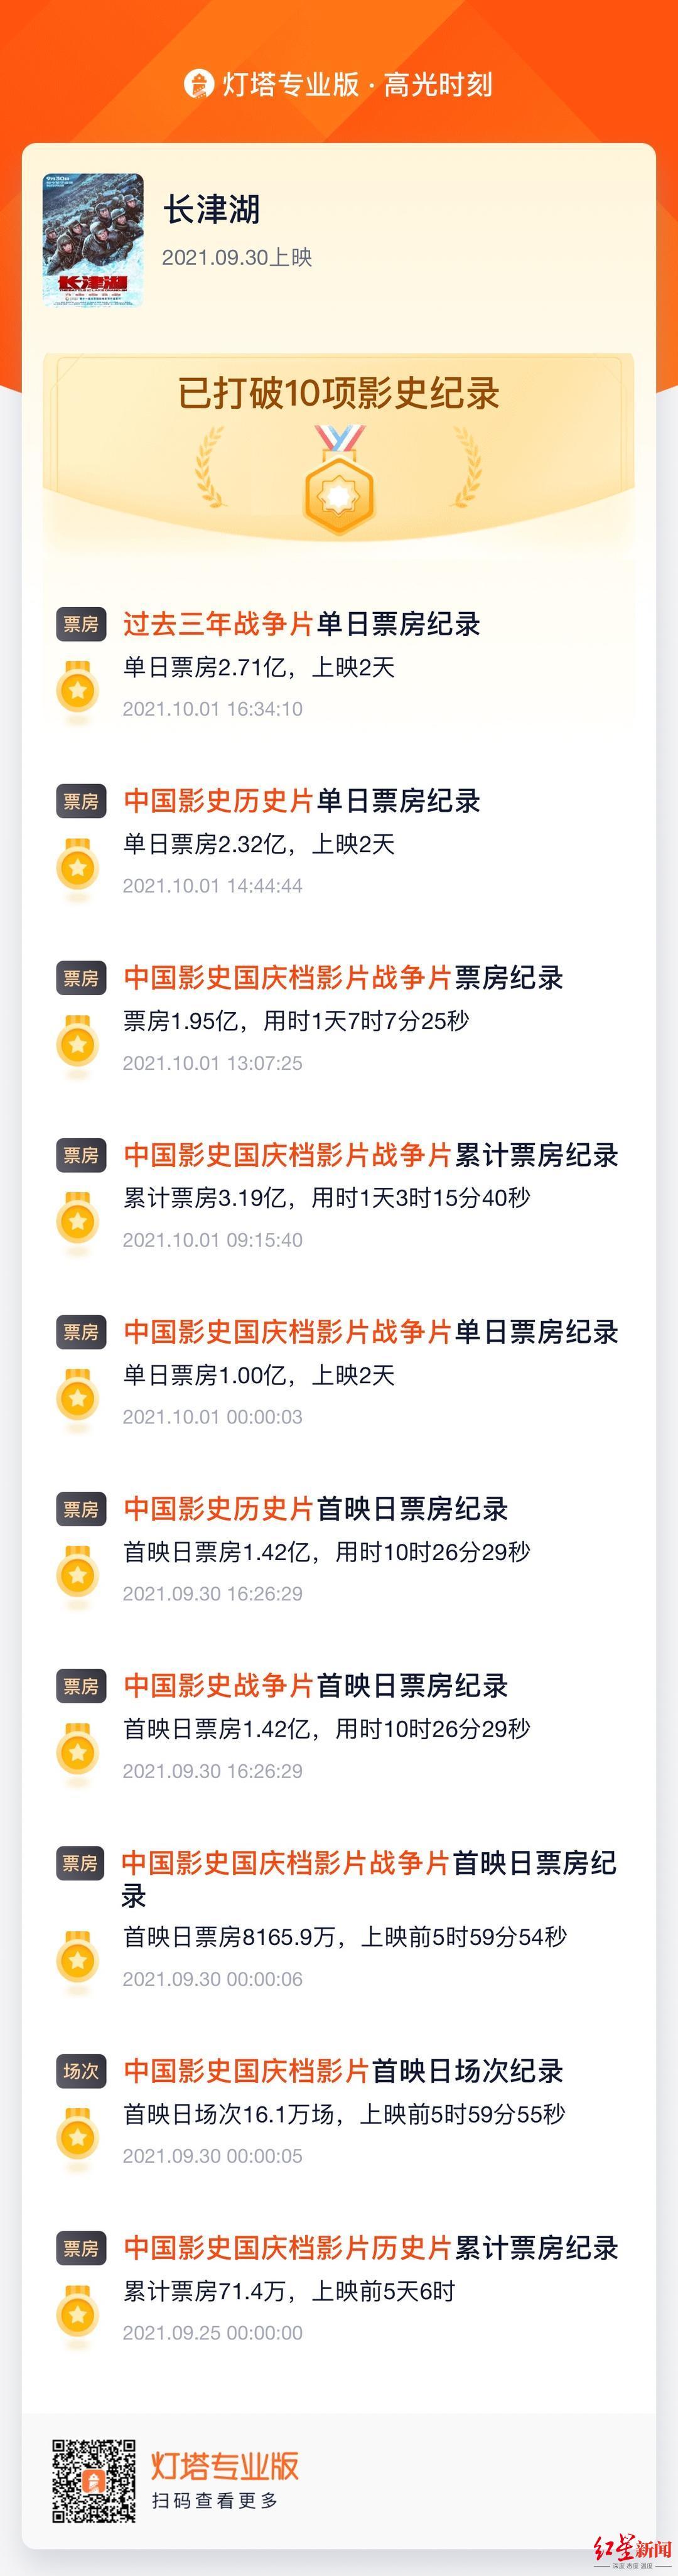 上映第二天,《长津湖》总票房破5亿,打破10项影史纪录